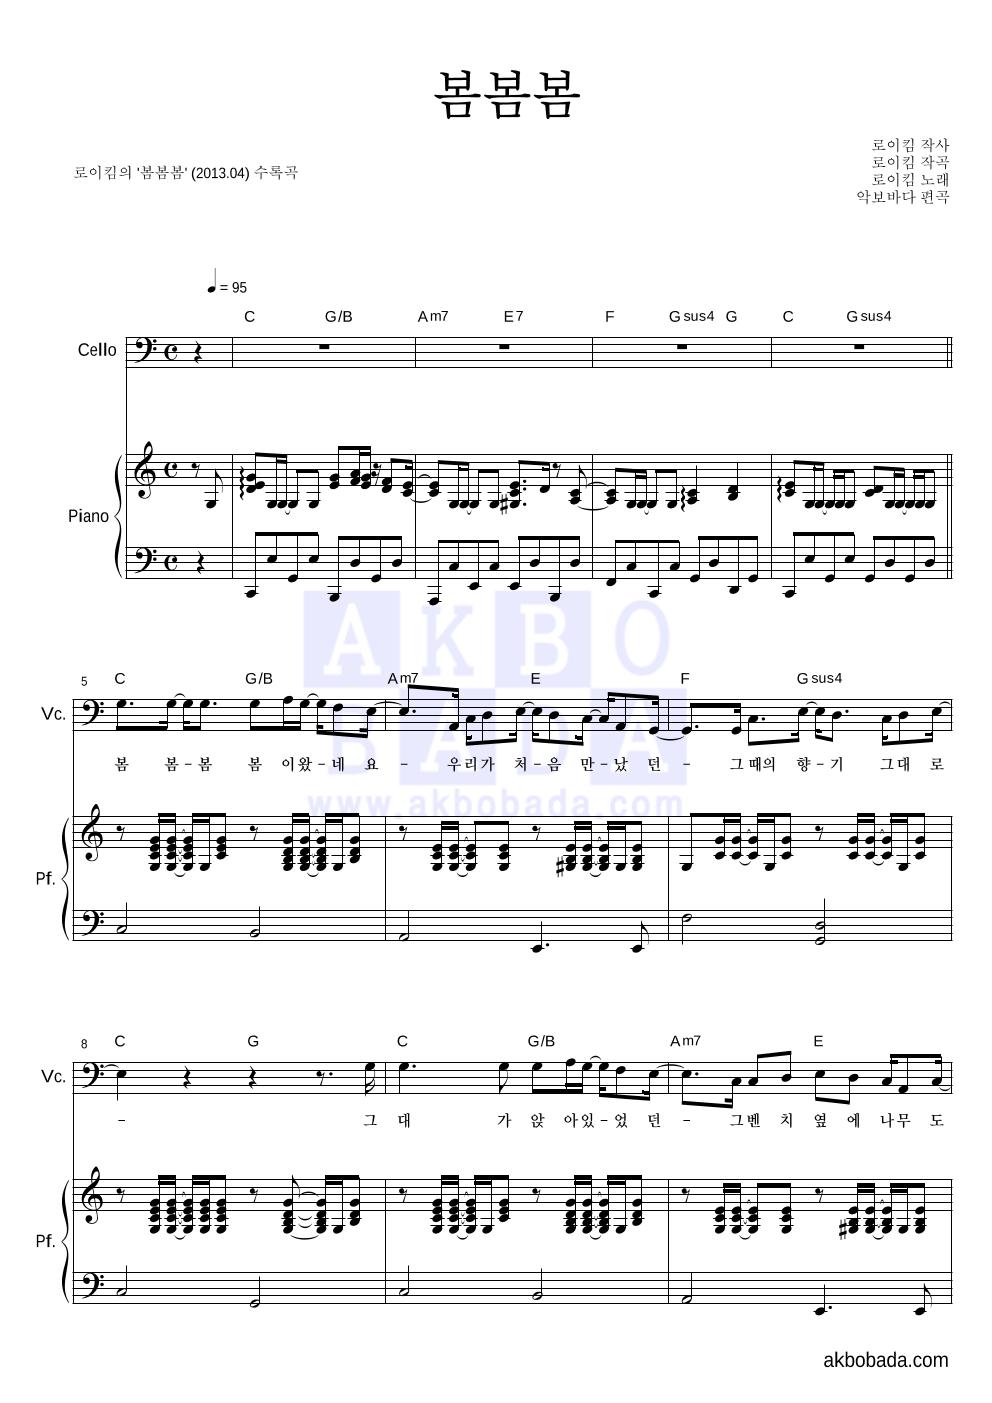 로이킴 - 봄봄봄 첼로&피아노 악보